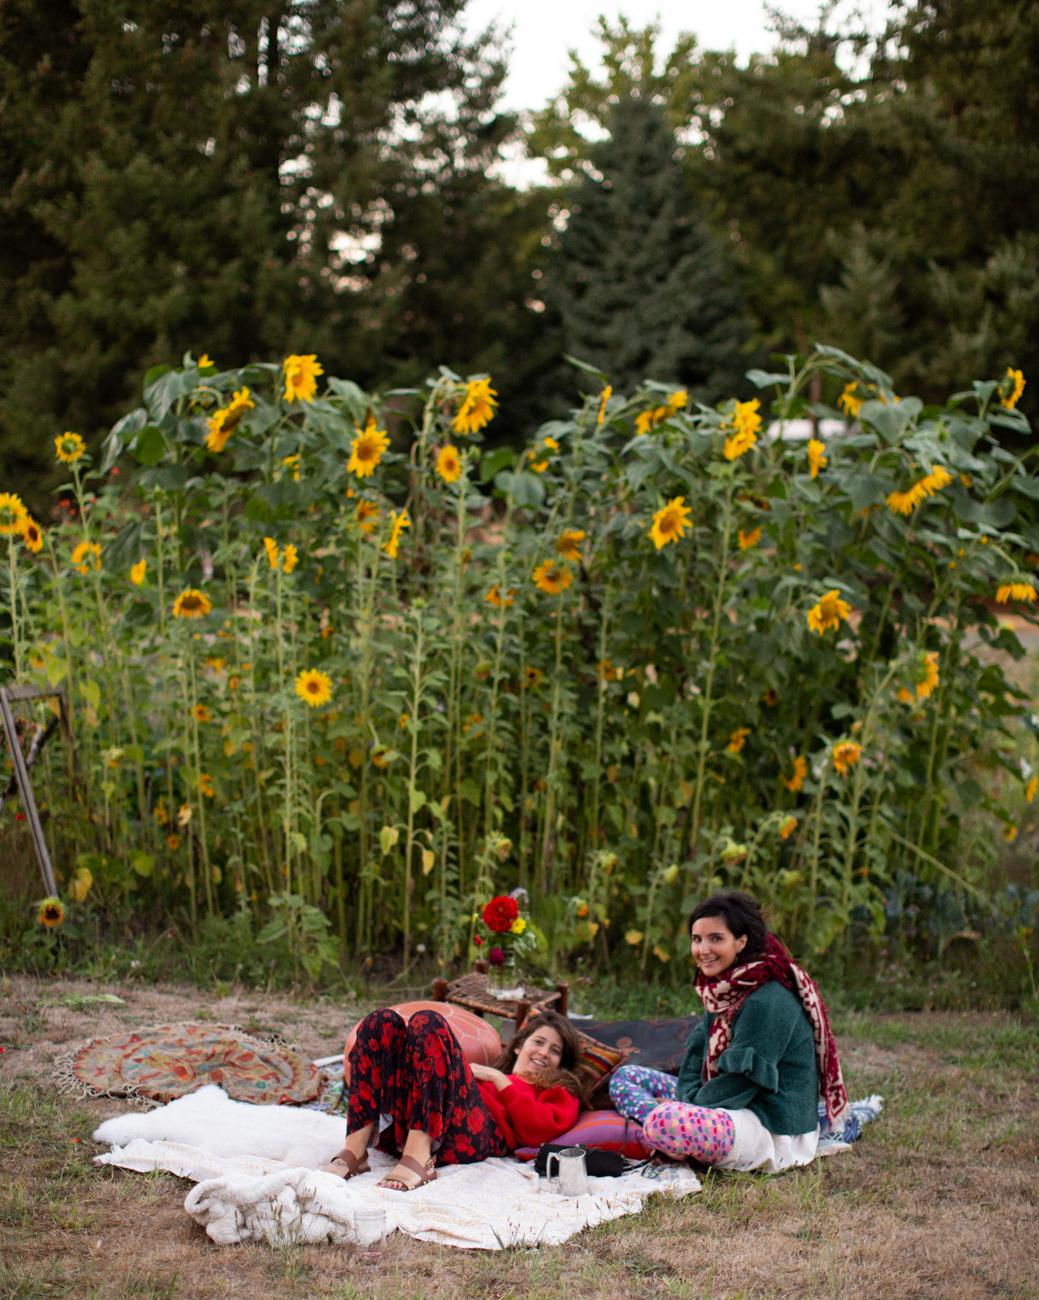 Backyard Flower Power Birthday_Olivia Ashton Photography-1-4.jpg